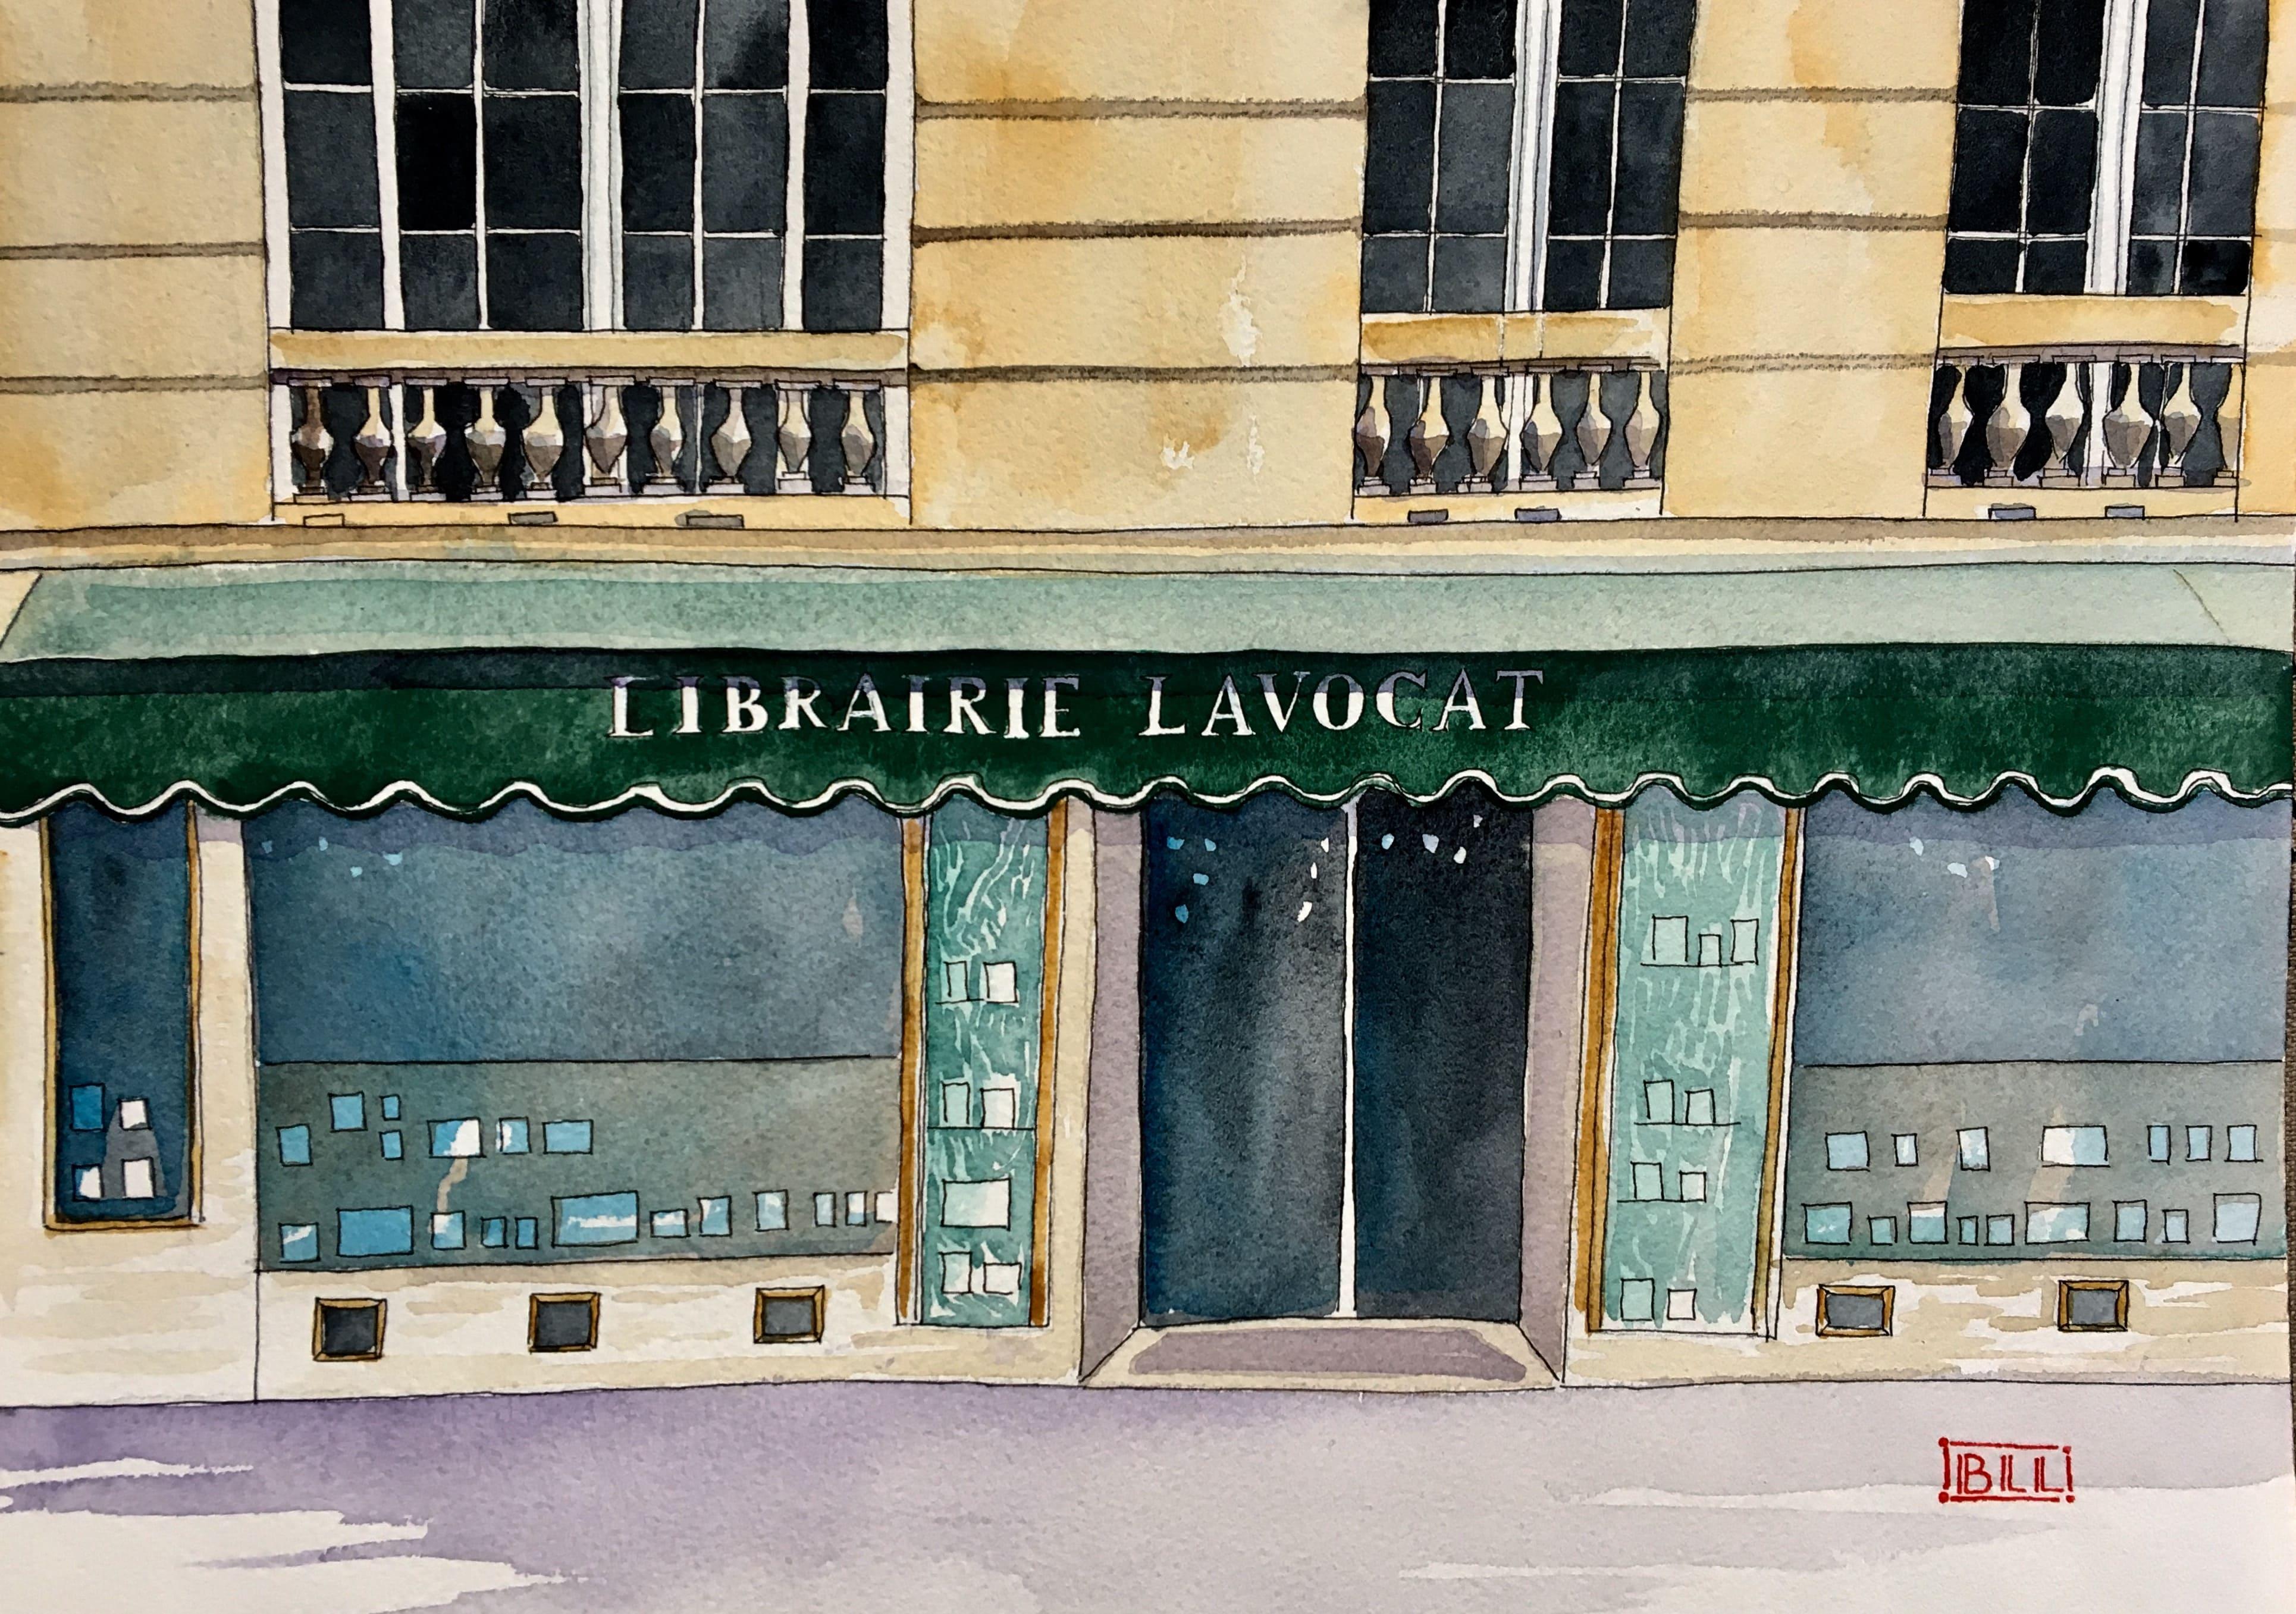 librairie-lavocat-2-min